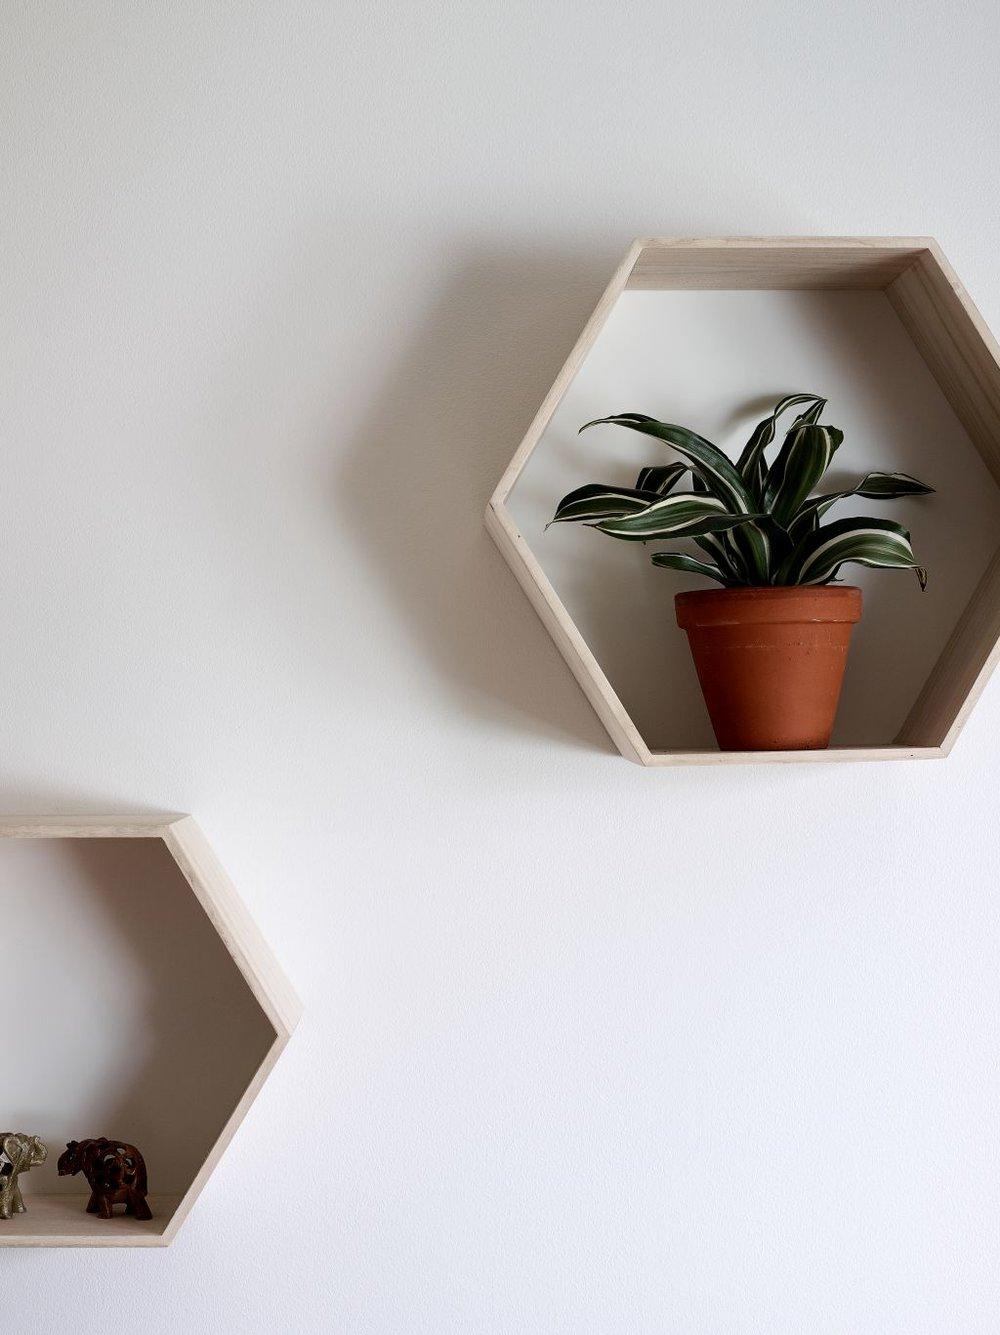 interior-anna-koponen-12 p.jpg